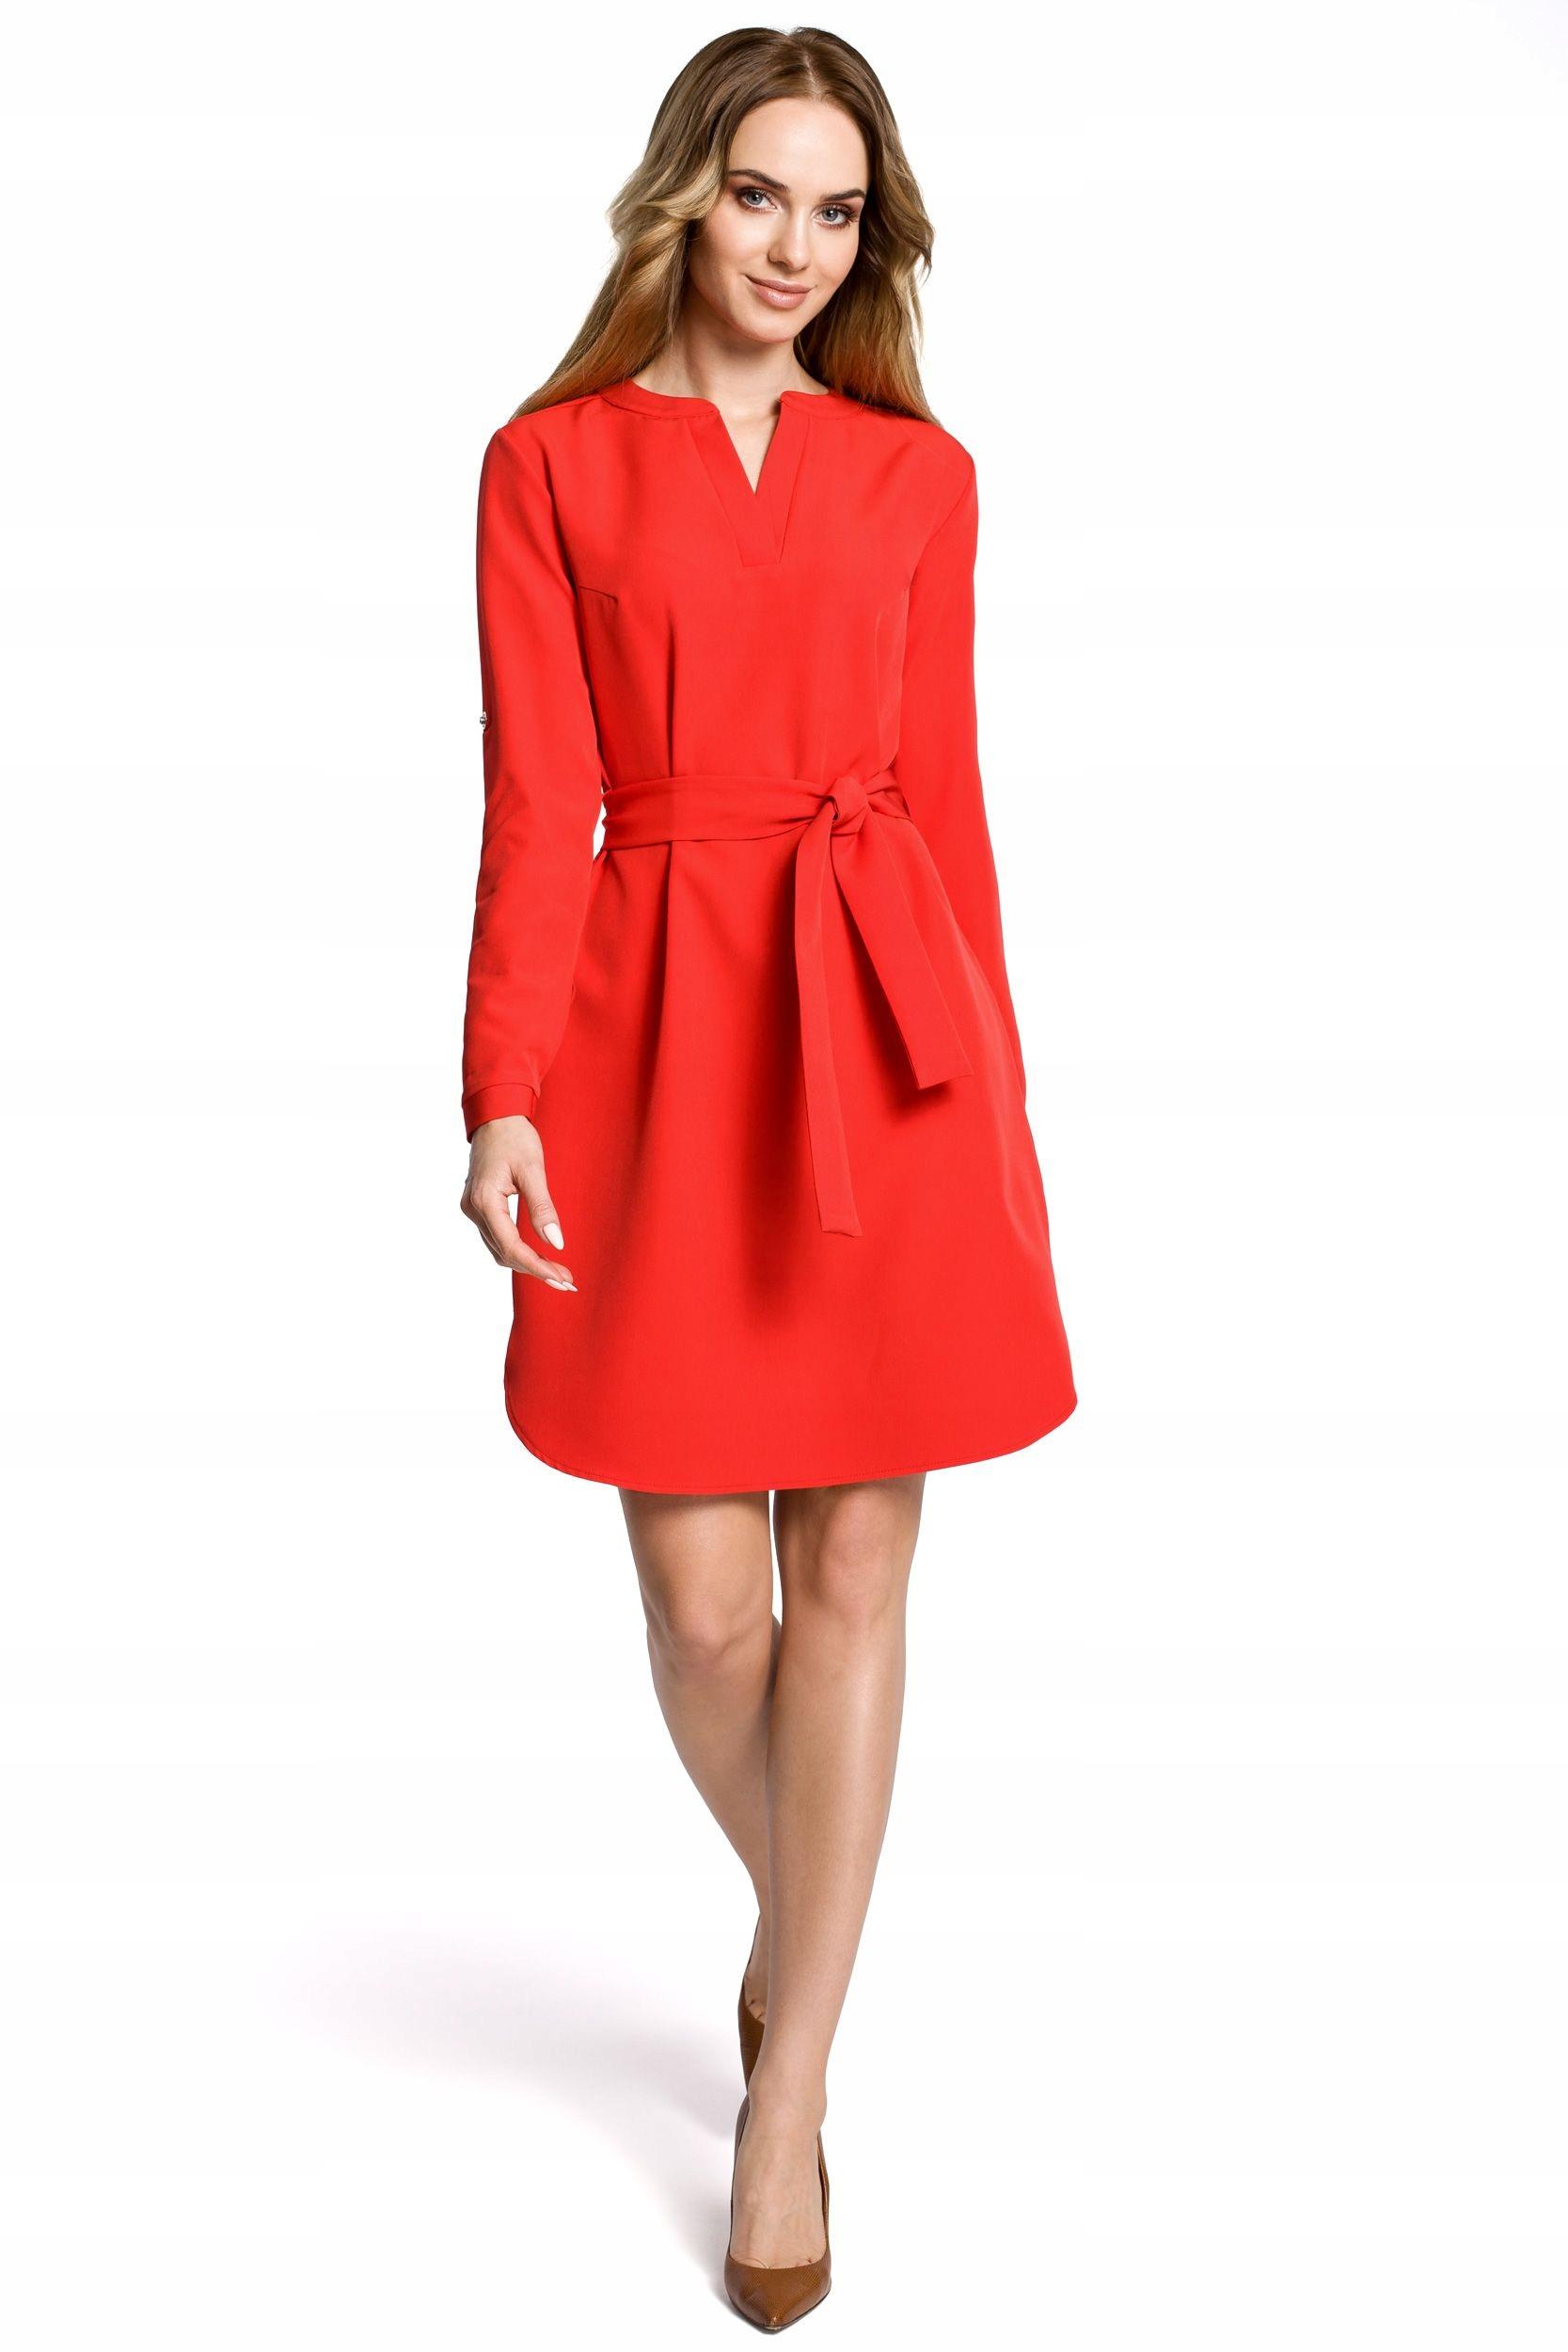 M361 Sukienka koszulowa z paskiem - czerwona 42 |